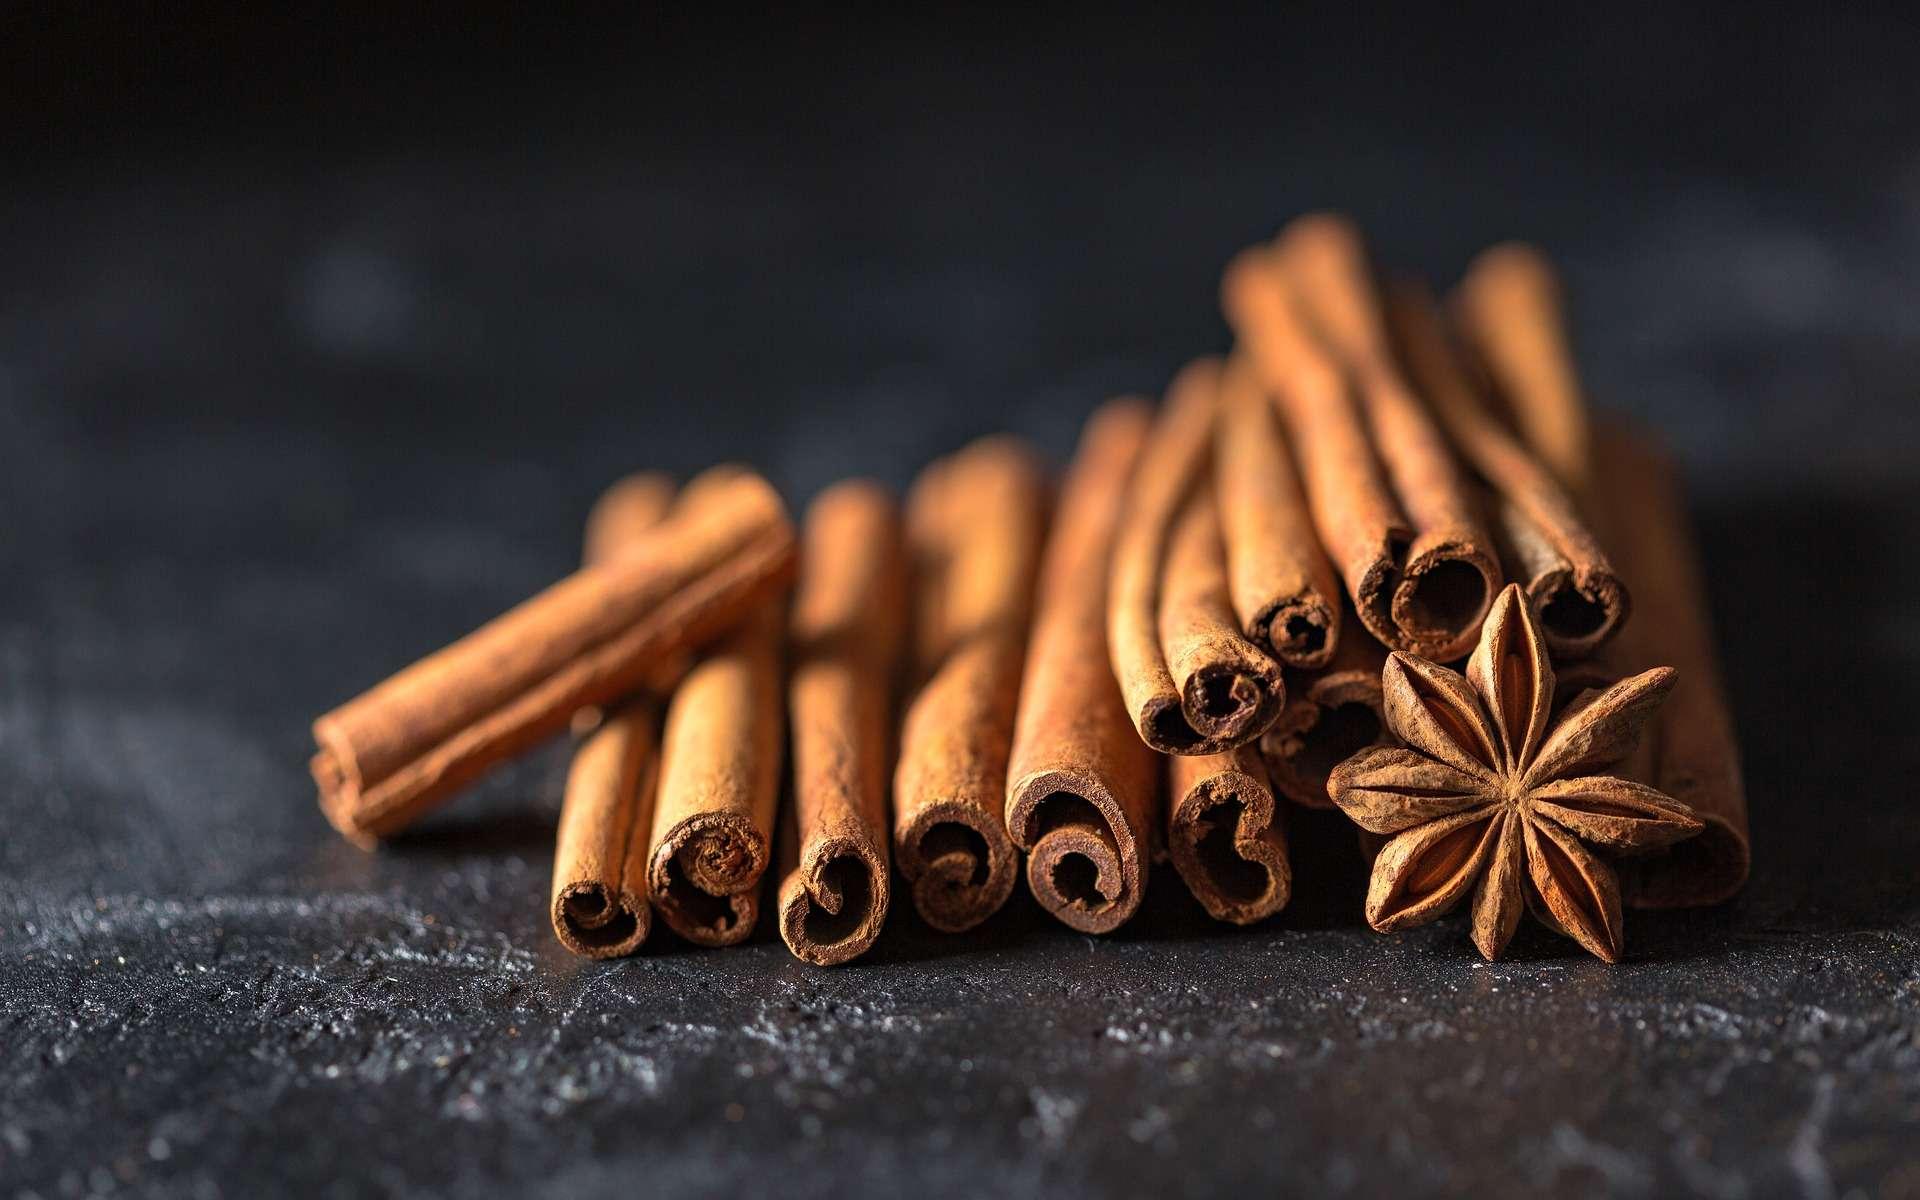 Selon une nouvelle étude, la cannelle pourrait aider à réduire le taux de glycémie chez les personnes prédiabétiques. © Daria Yakovleva, Pixabay